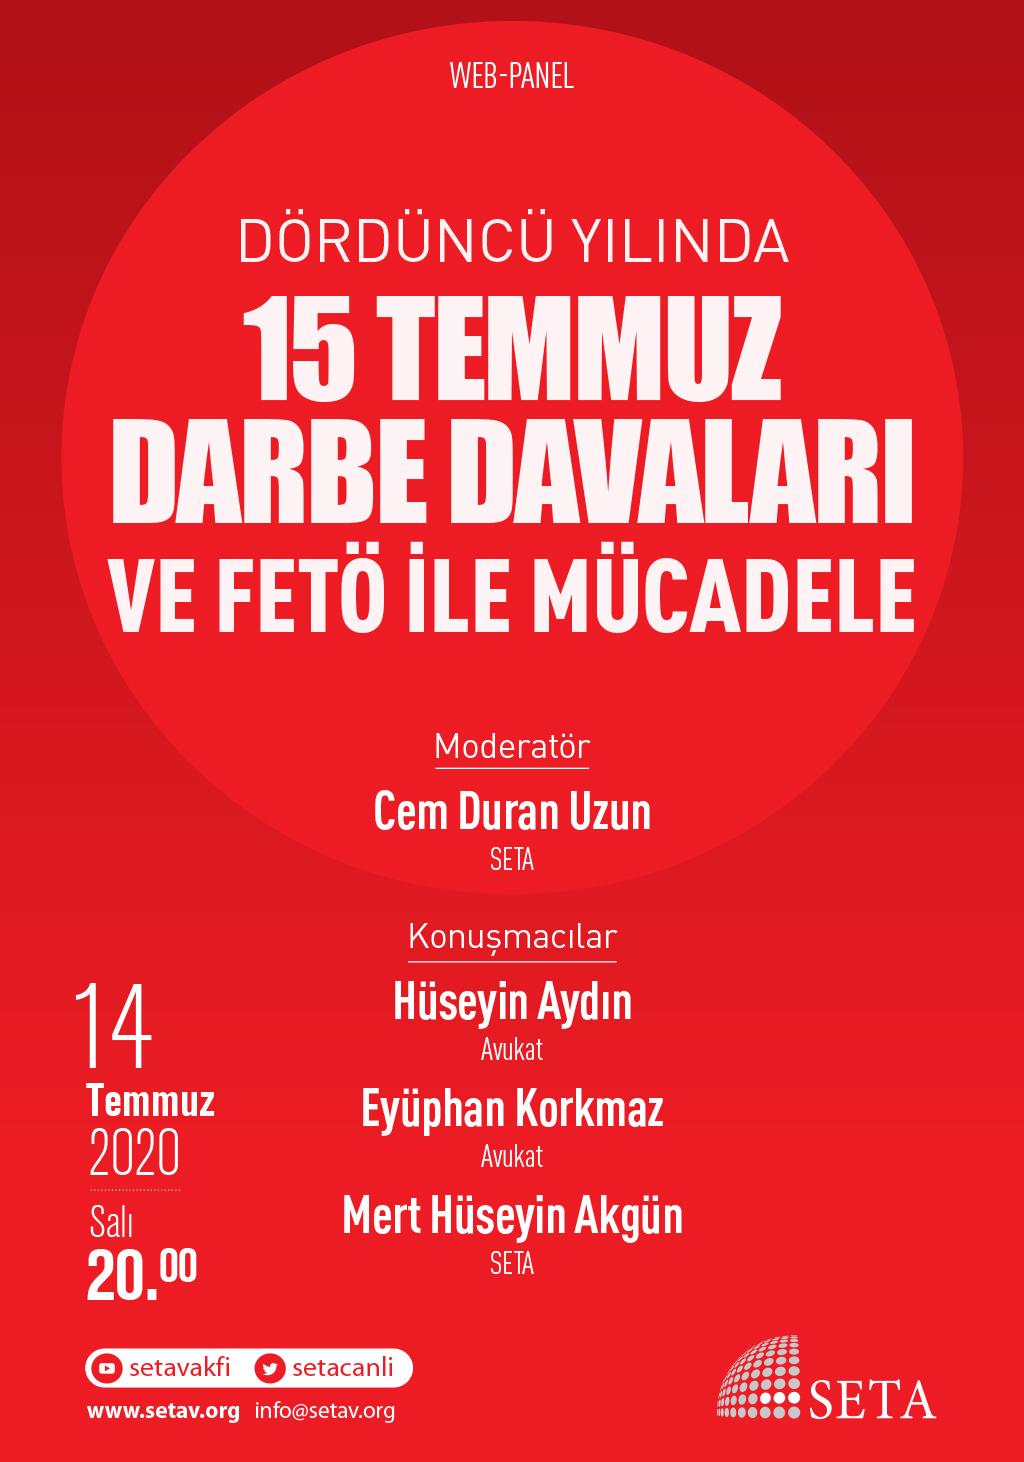 Web Panel: Dördüncü Yılında 15 Temmuz Darbe Davaları ve FETÖ ile Mücadele